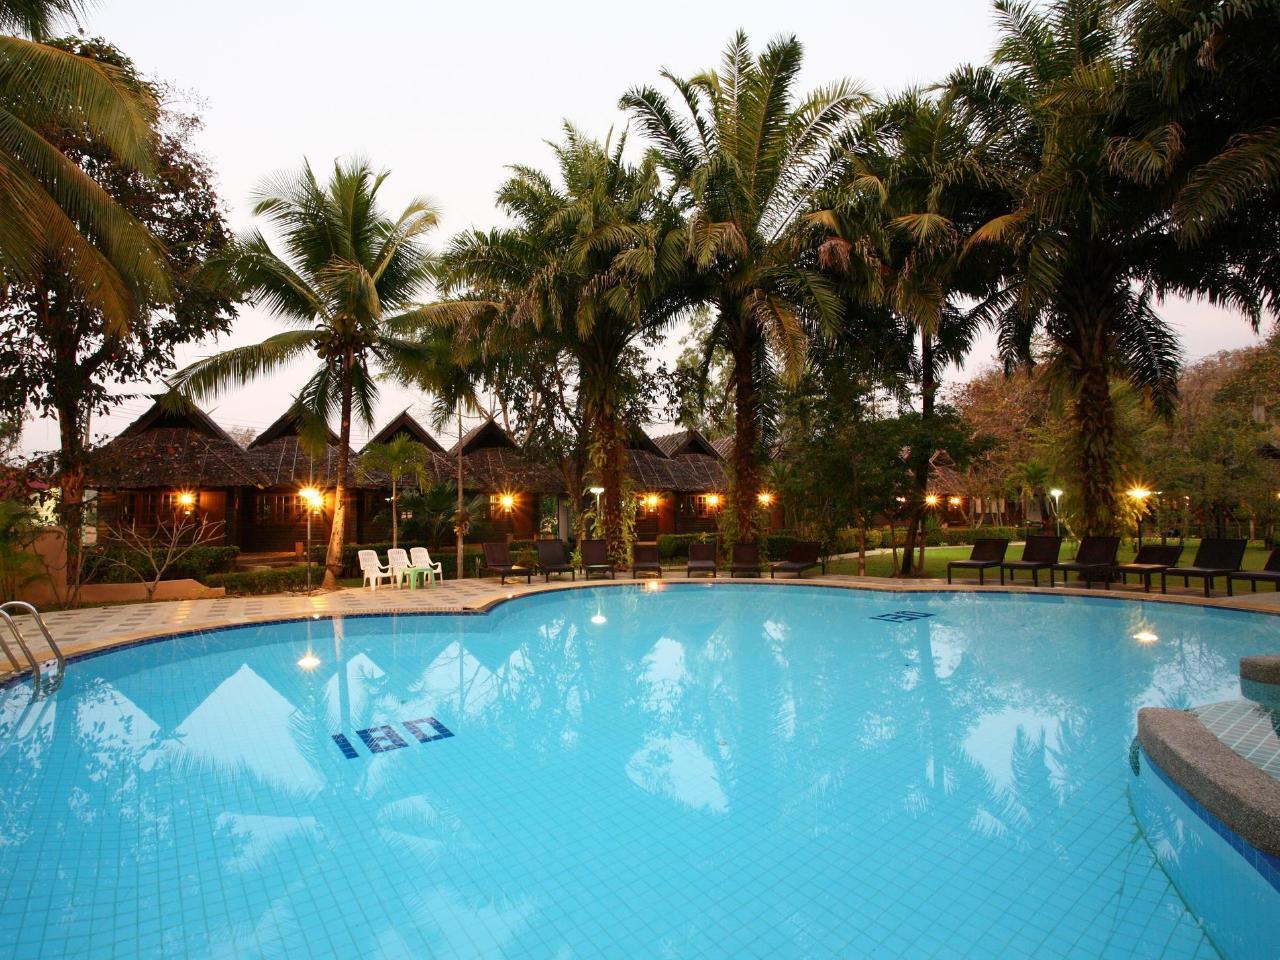 โกลเดนปาย แอนด์ สวีท รีสอร์ต (Goldenpai and Suite Resort)